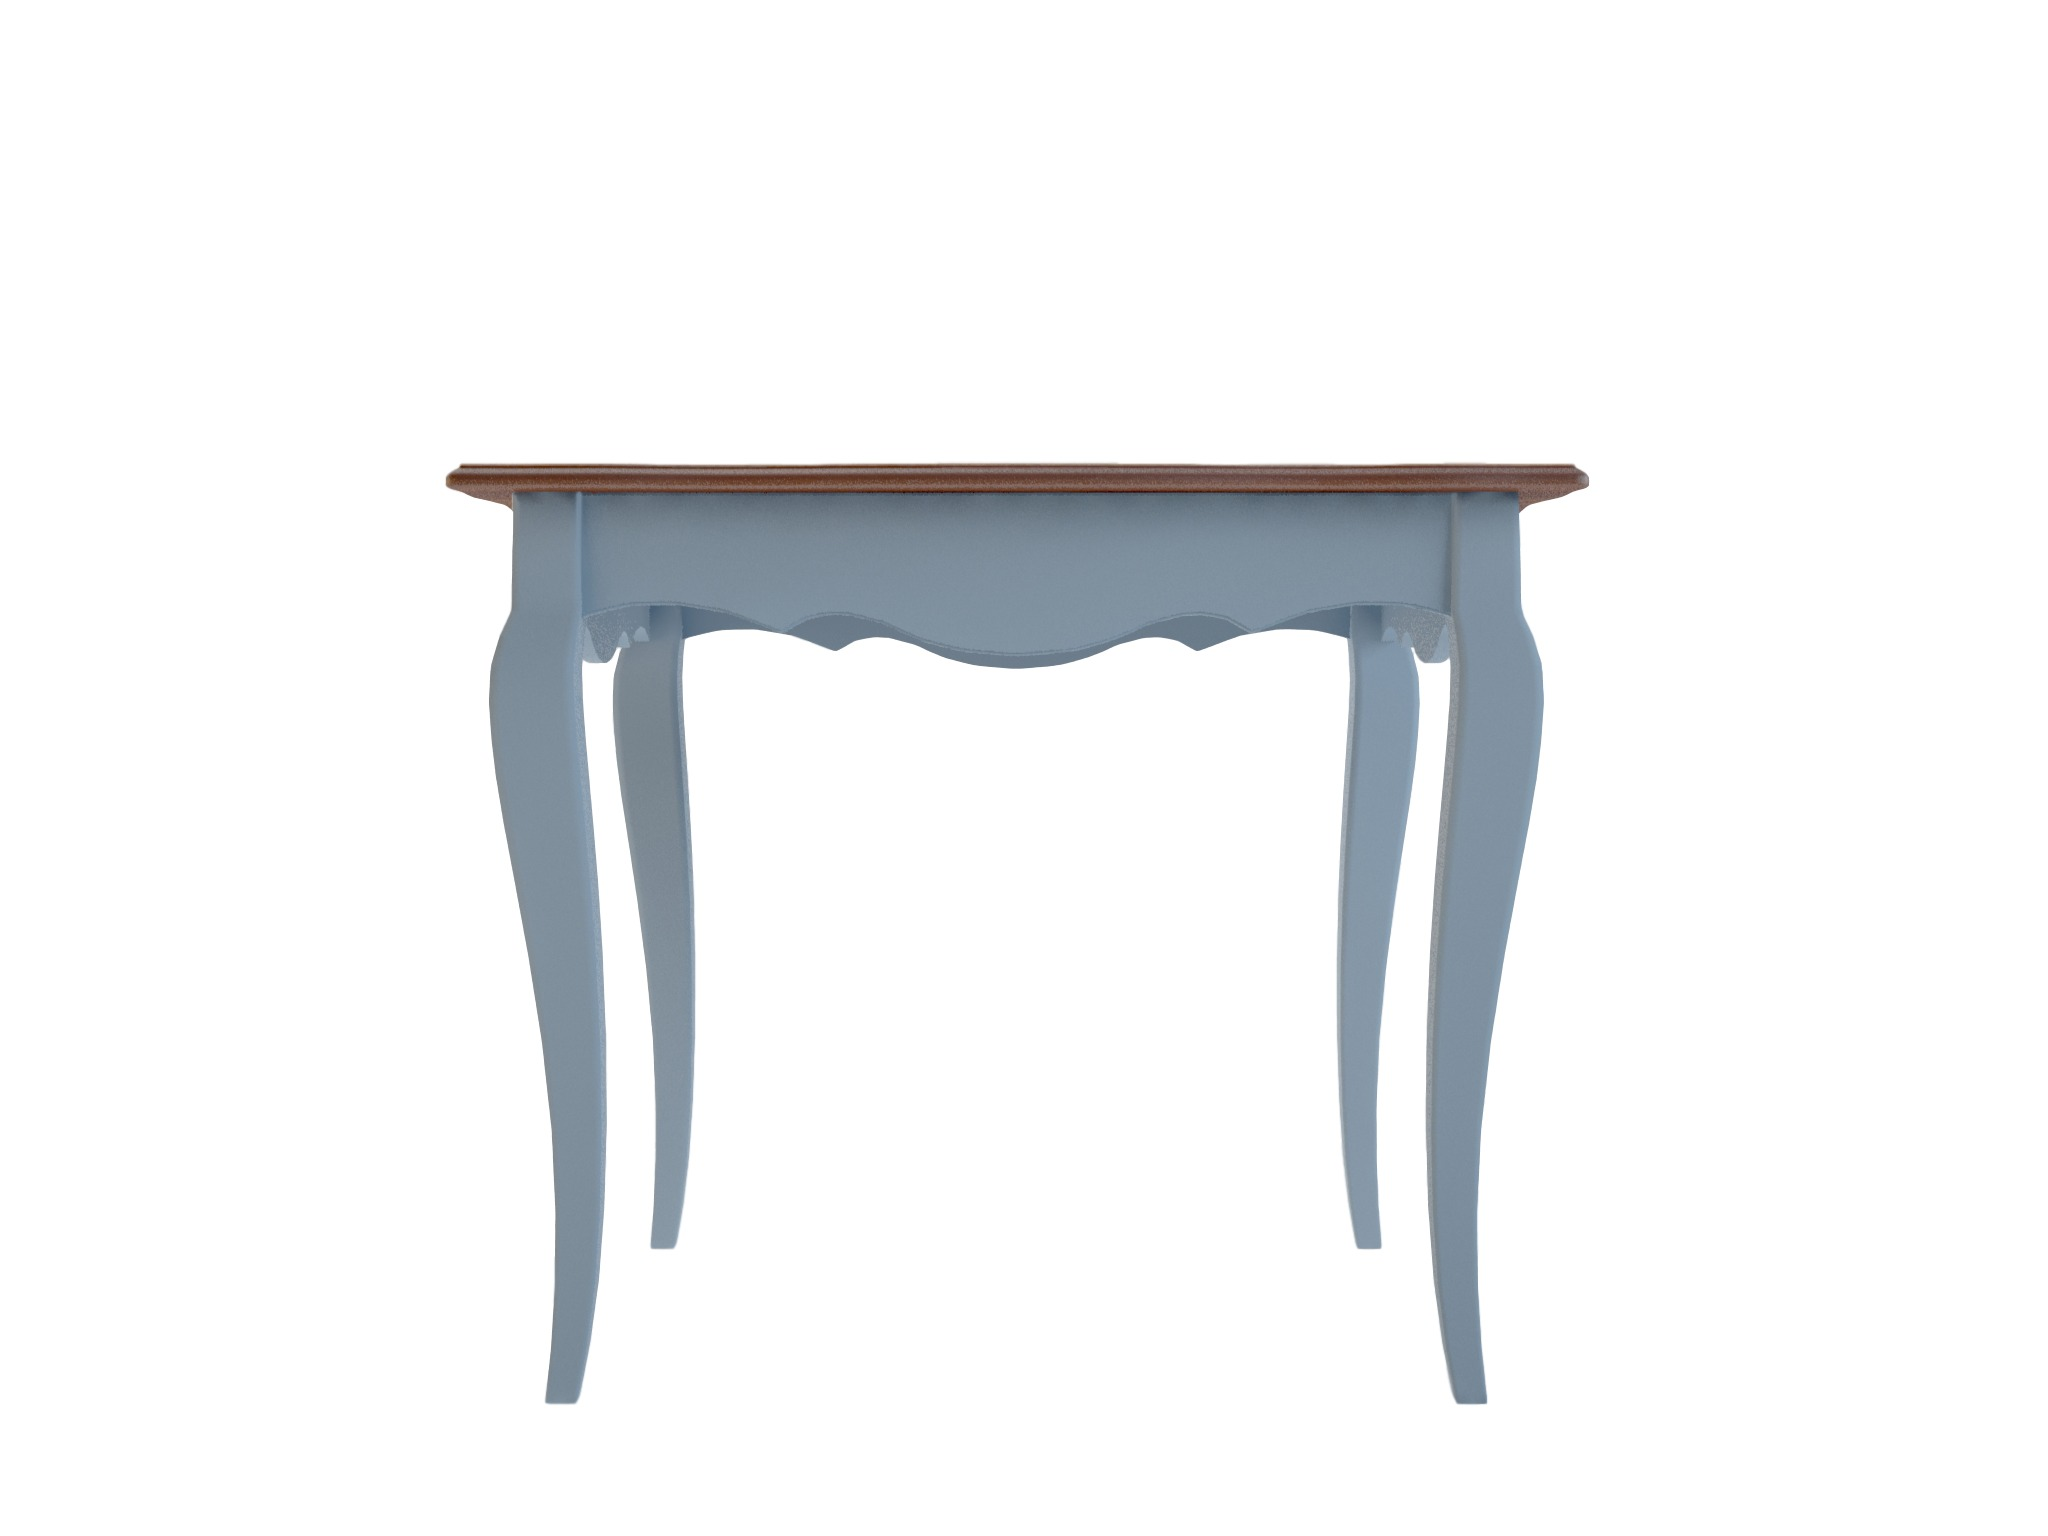 Обеденный стол LeontinaОбеденные столы<br><br><br>Material: Береза<br>Ширина см: 90<br>Высота см: 75<br>Глубина см: 90